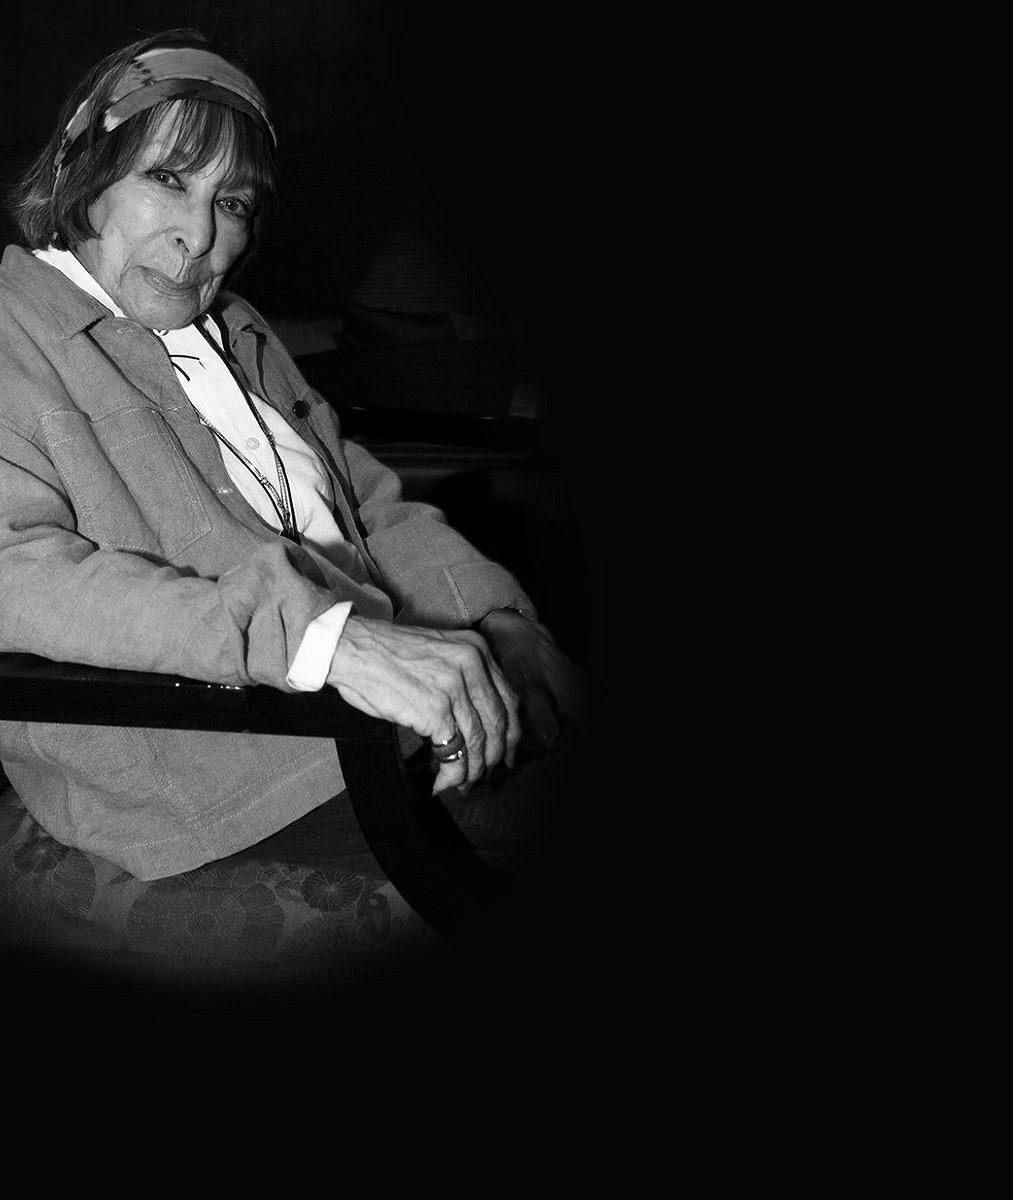 Hanu Hegerovou (✝89) doprovázel na klavír 24let: Nejkrásnější roky mého muzikantského života, říká Petr Malásek